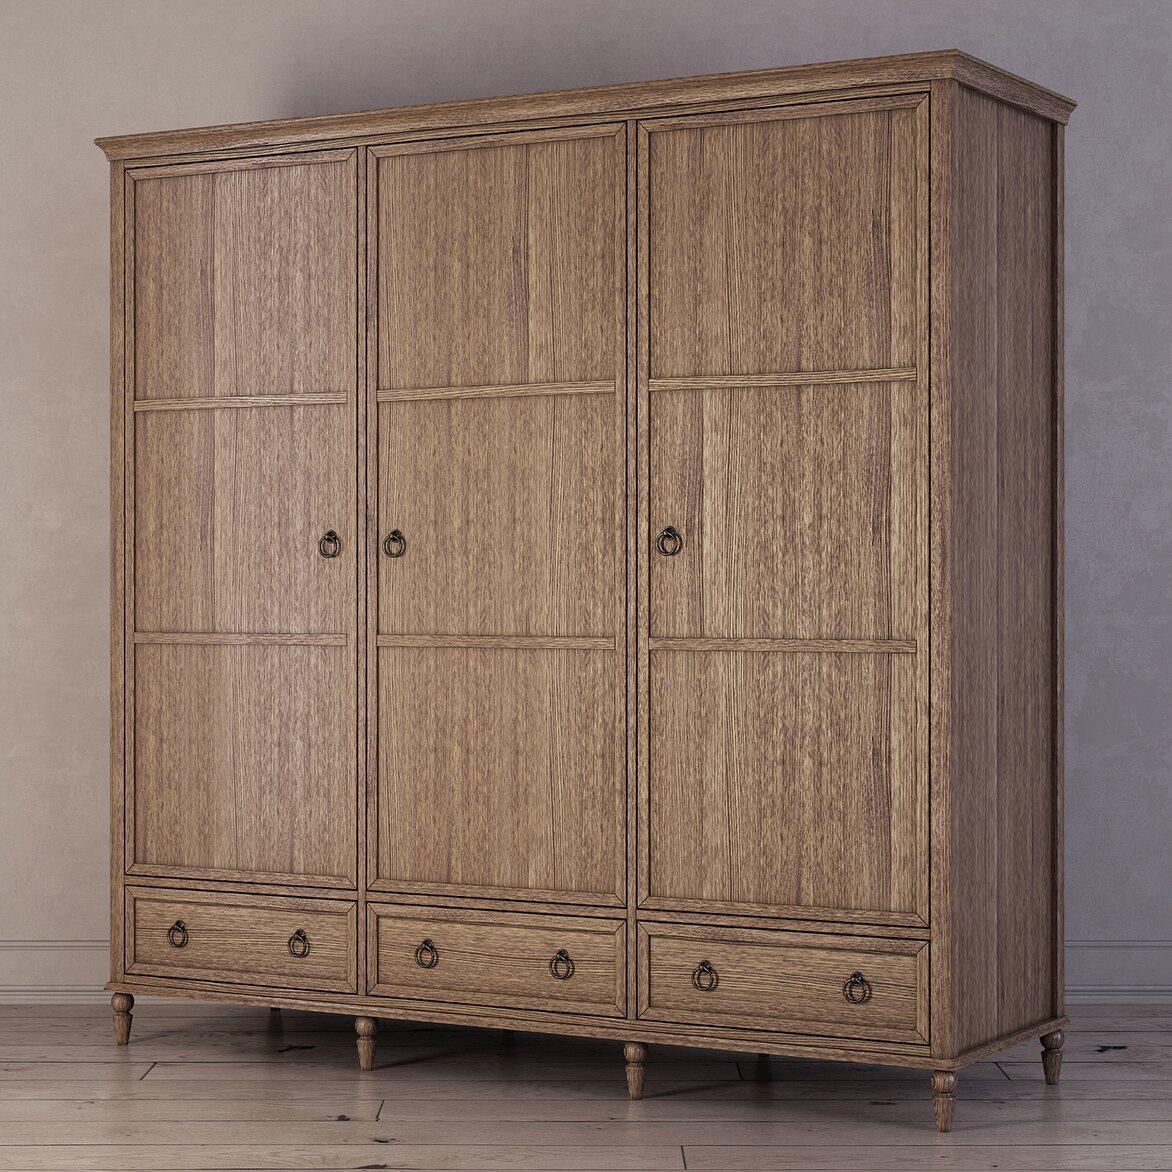 Шкаф трехстворчатый Vilton, дуб 2 | Платяные шкафы Kingsby